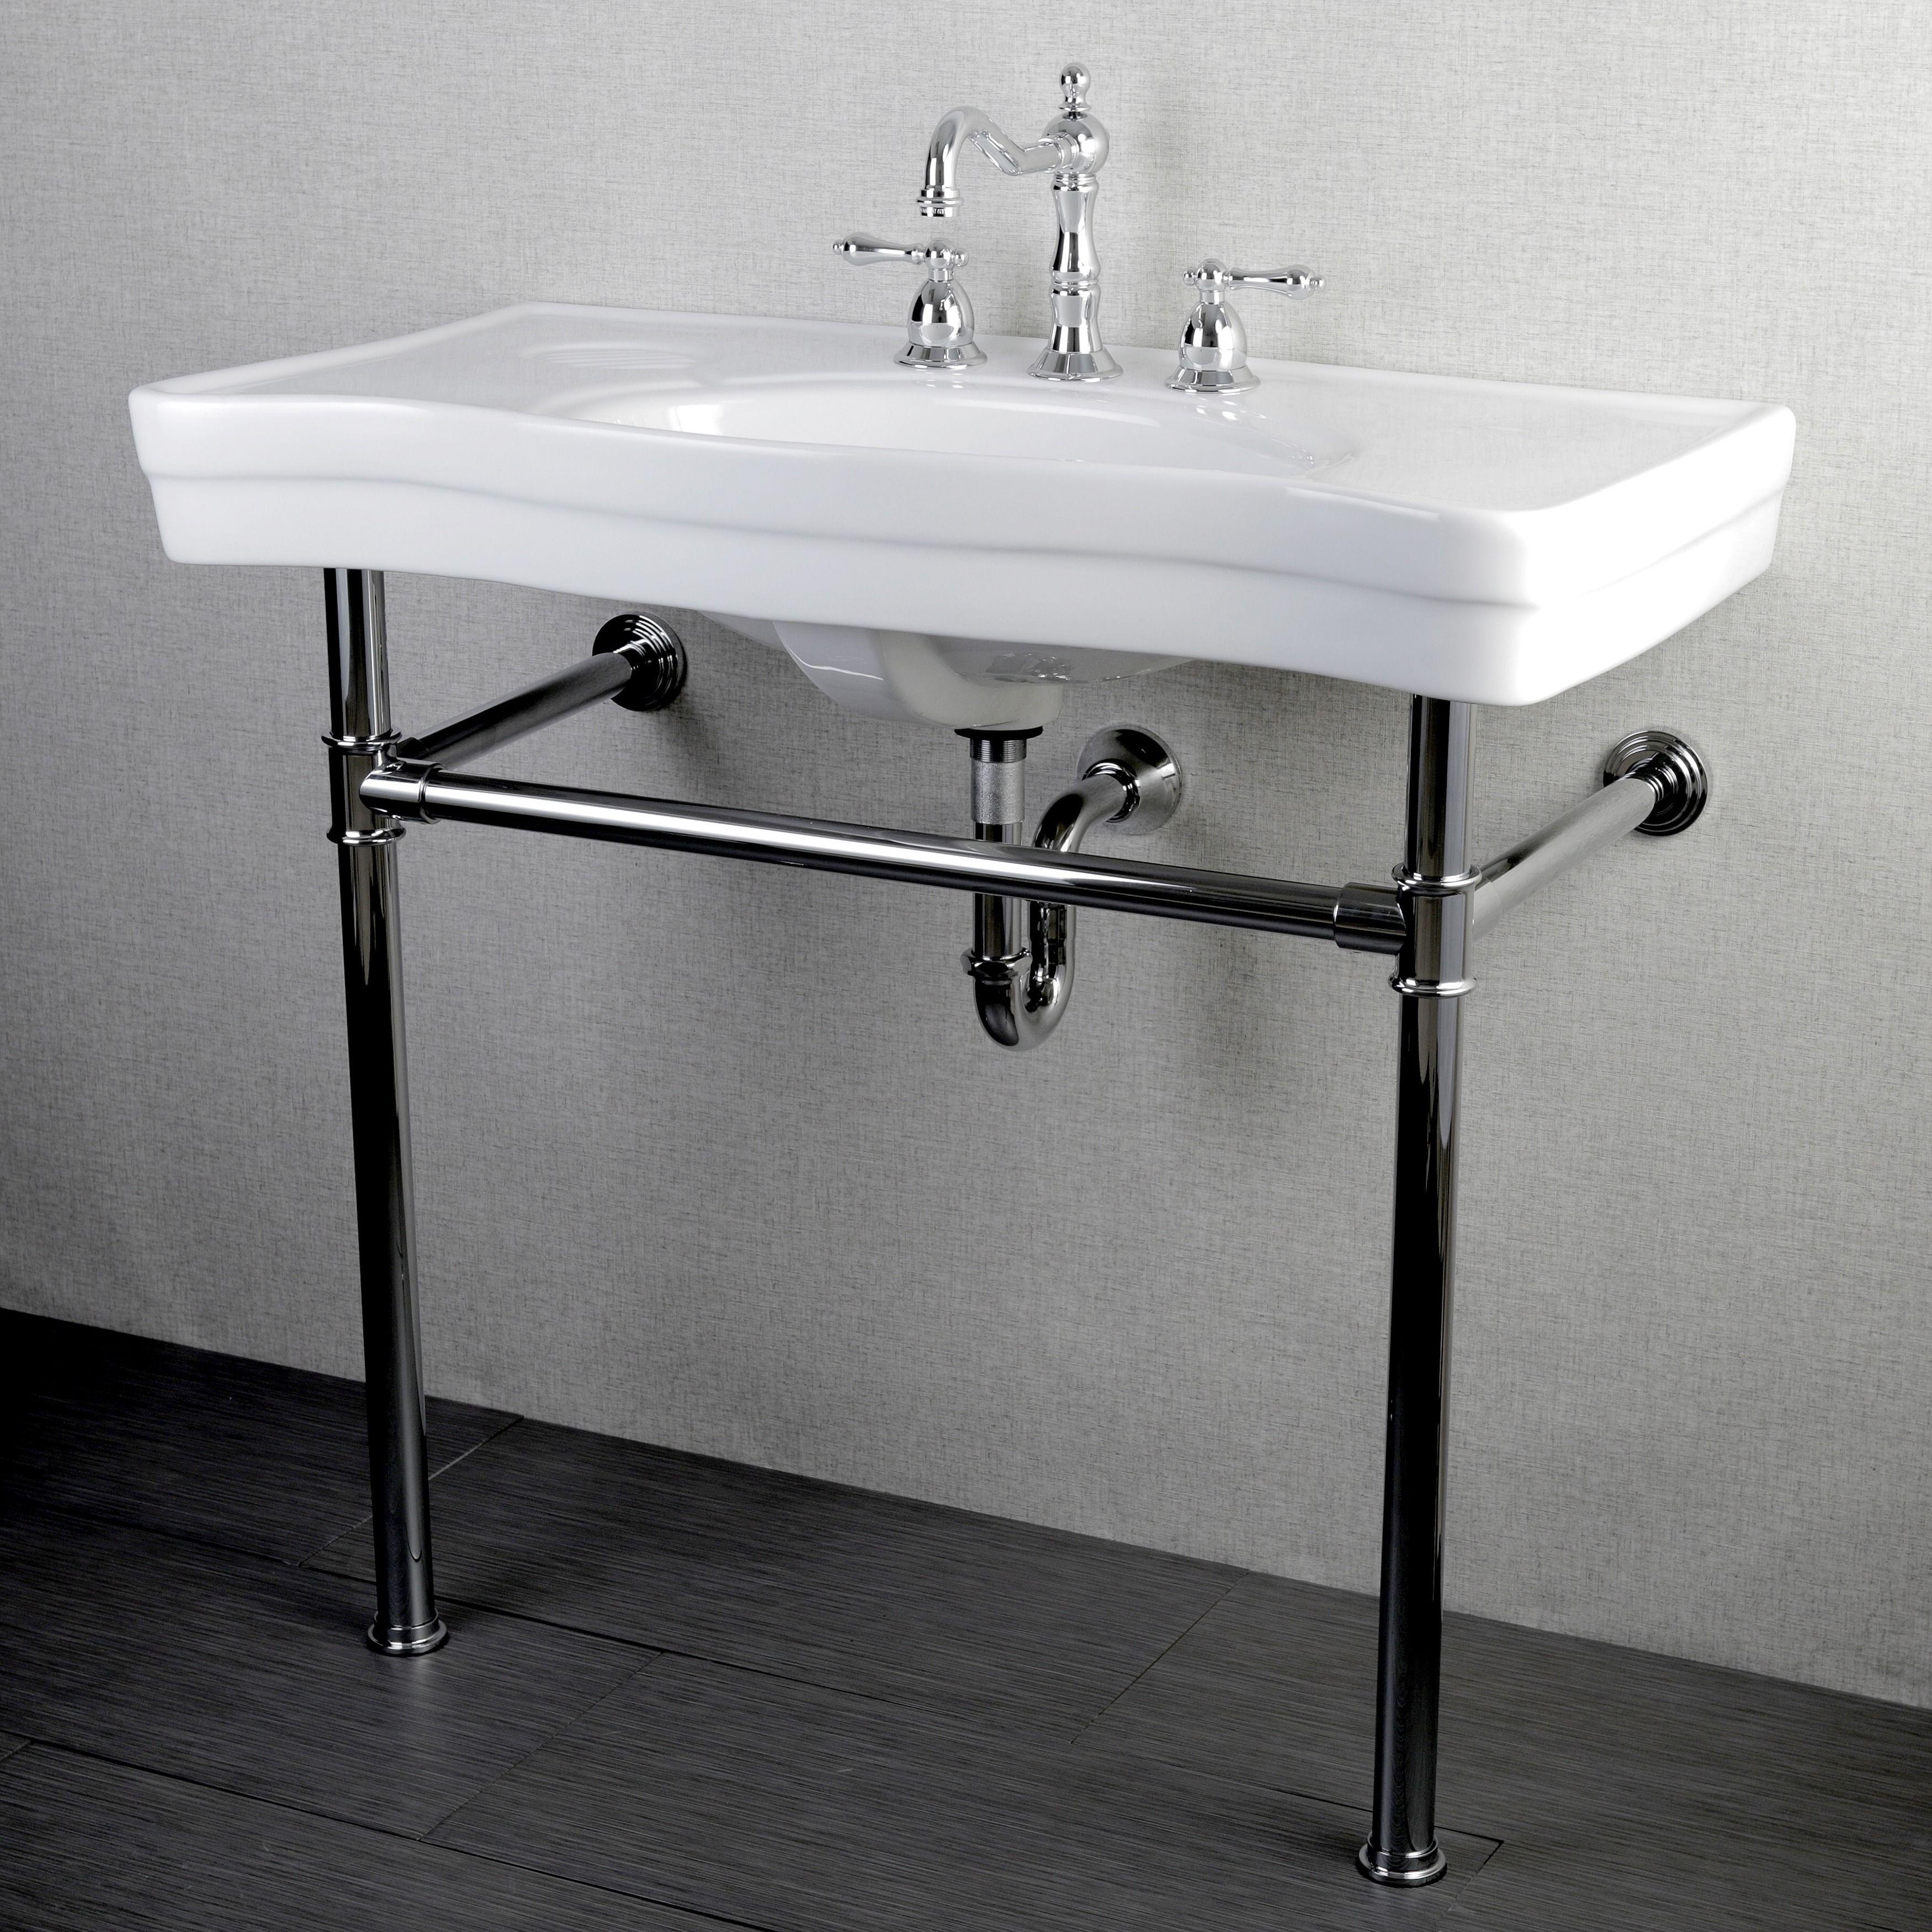 Single Bathroom Vanity With Vessel Sink